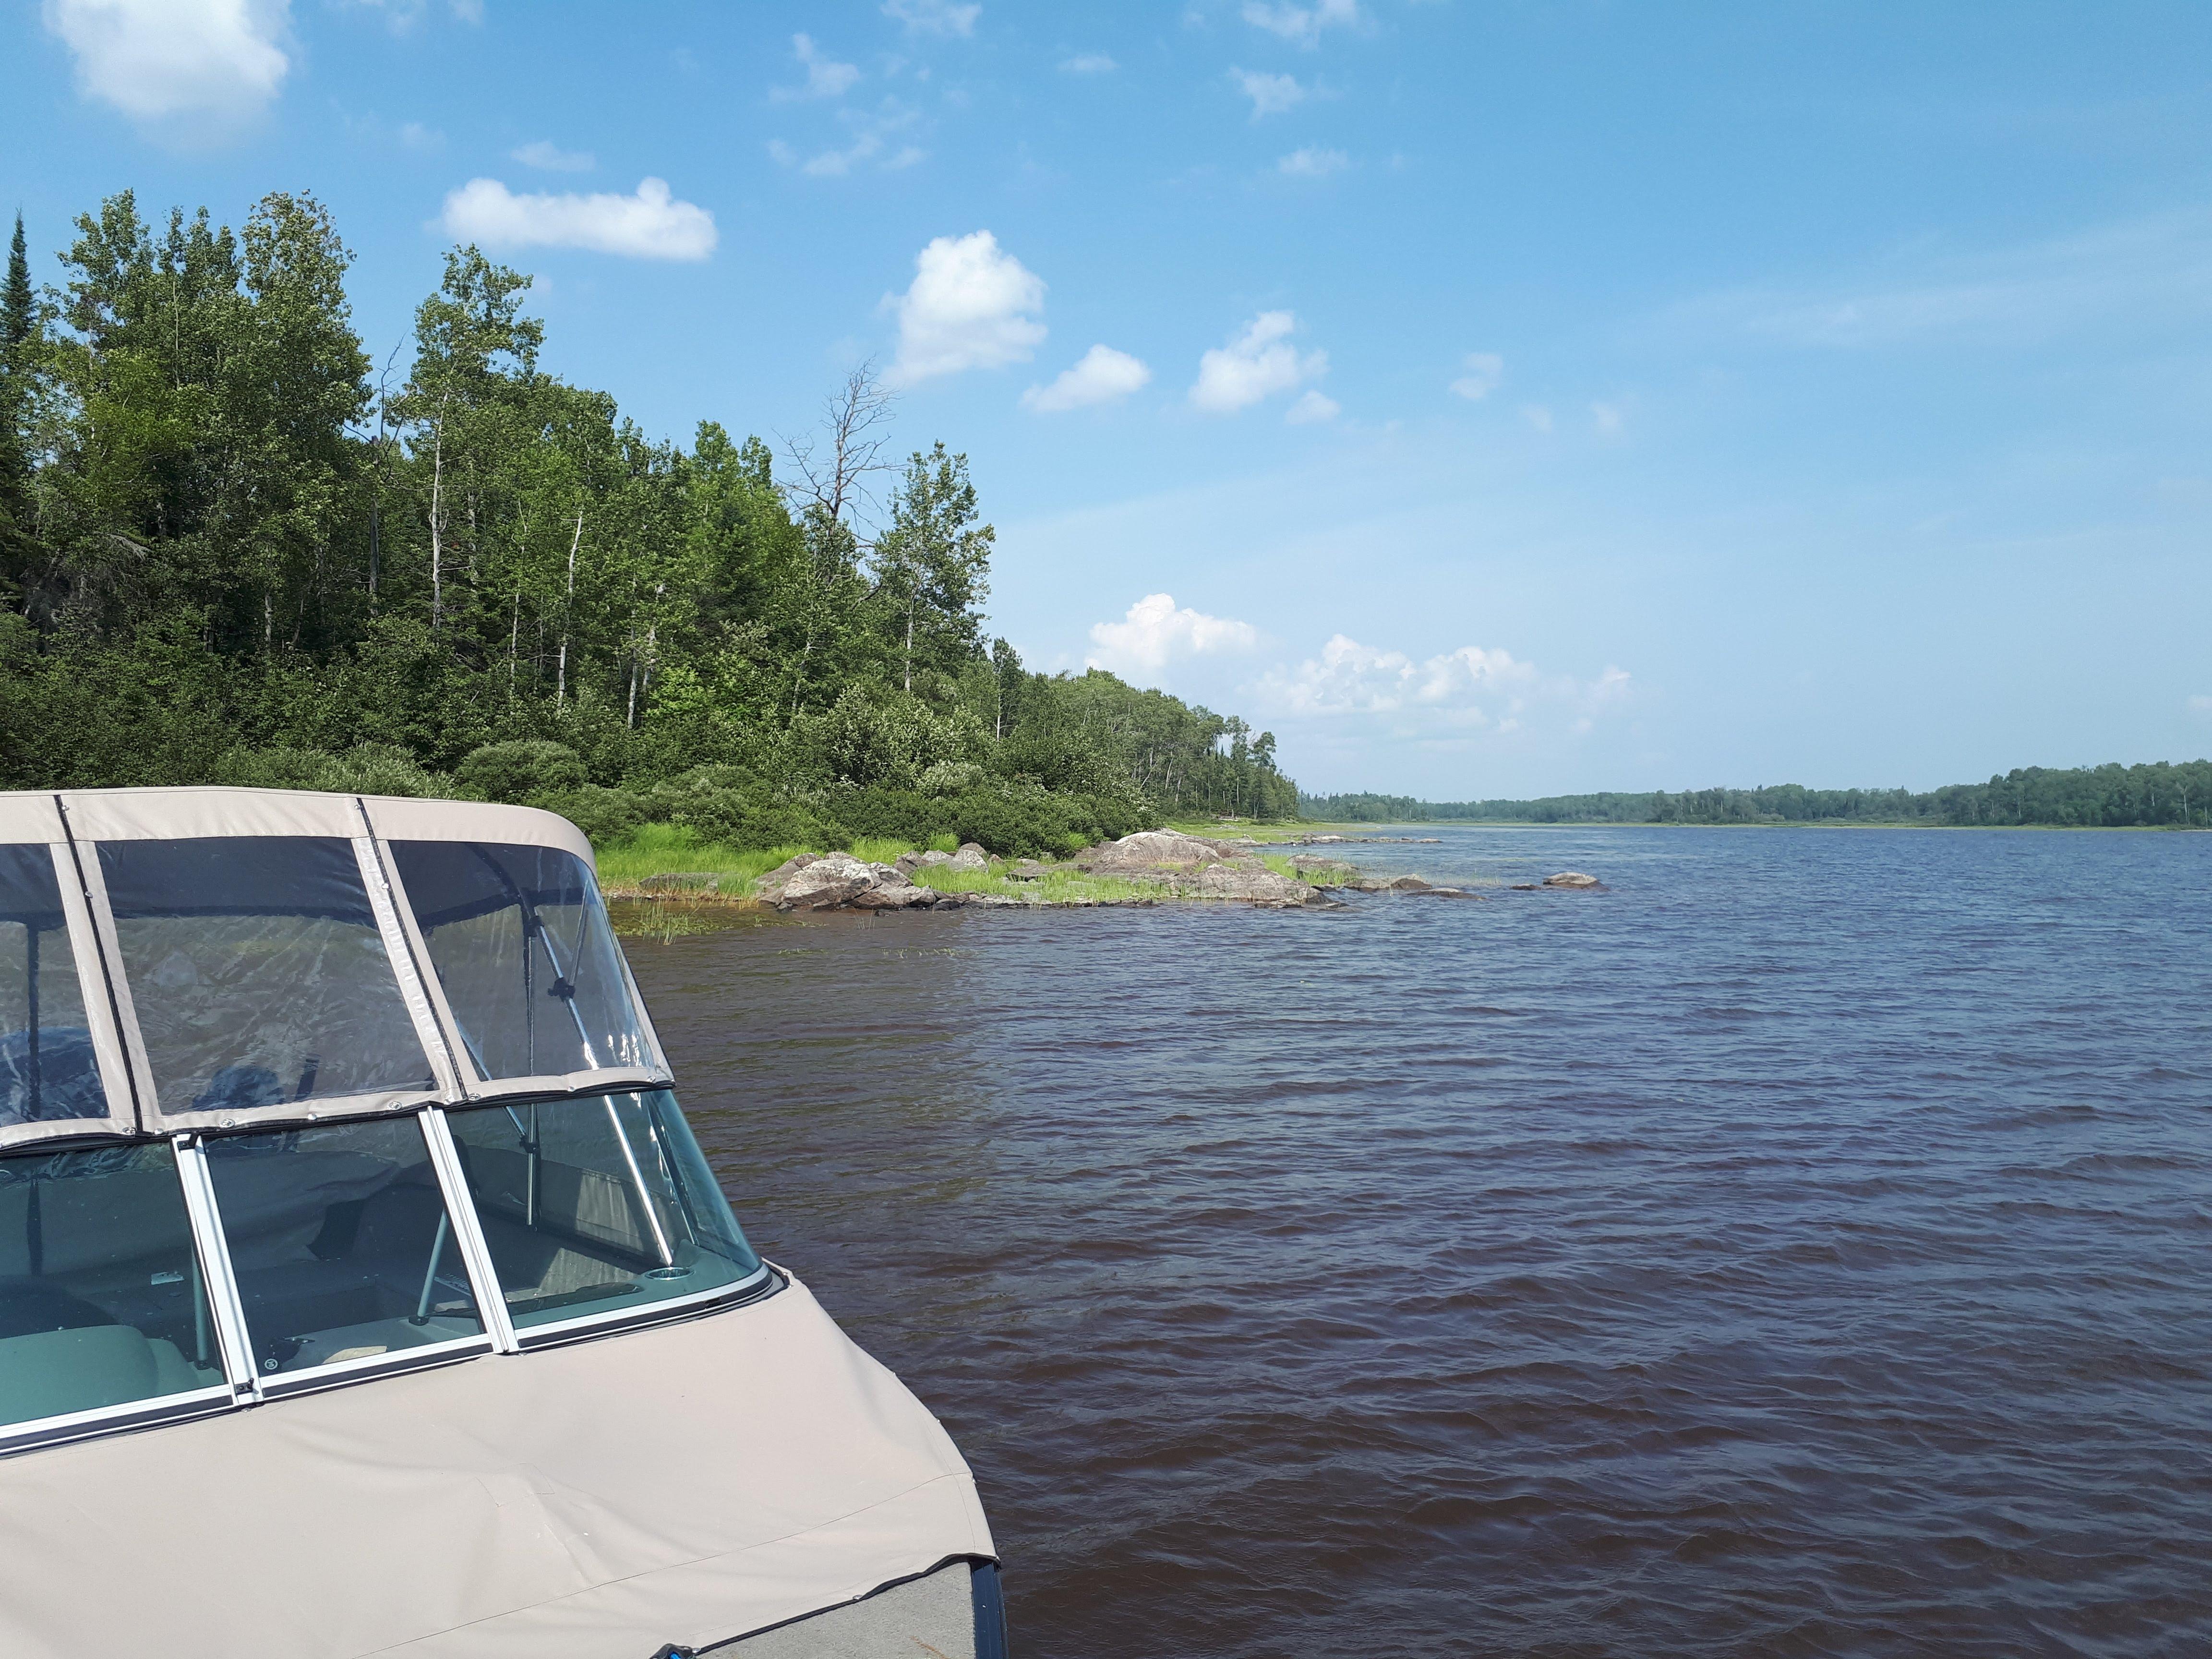 baignade-peche-lac-parent-senneterre-plage-bateau-ponton